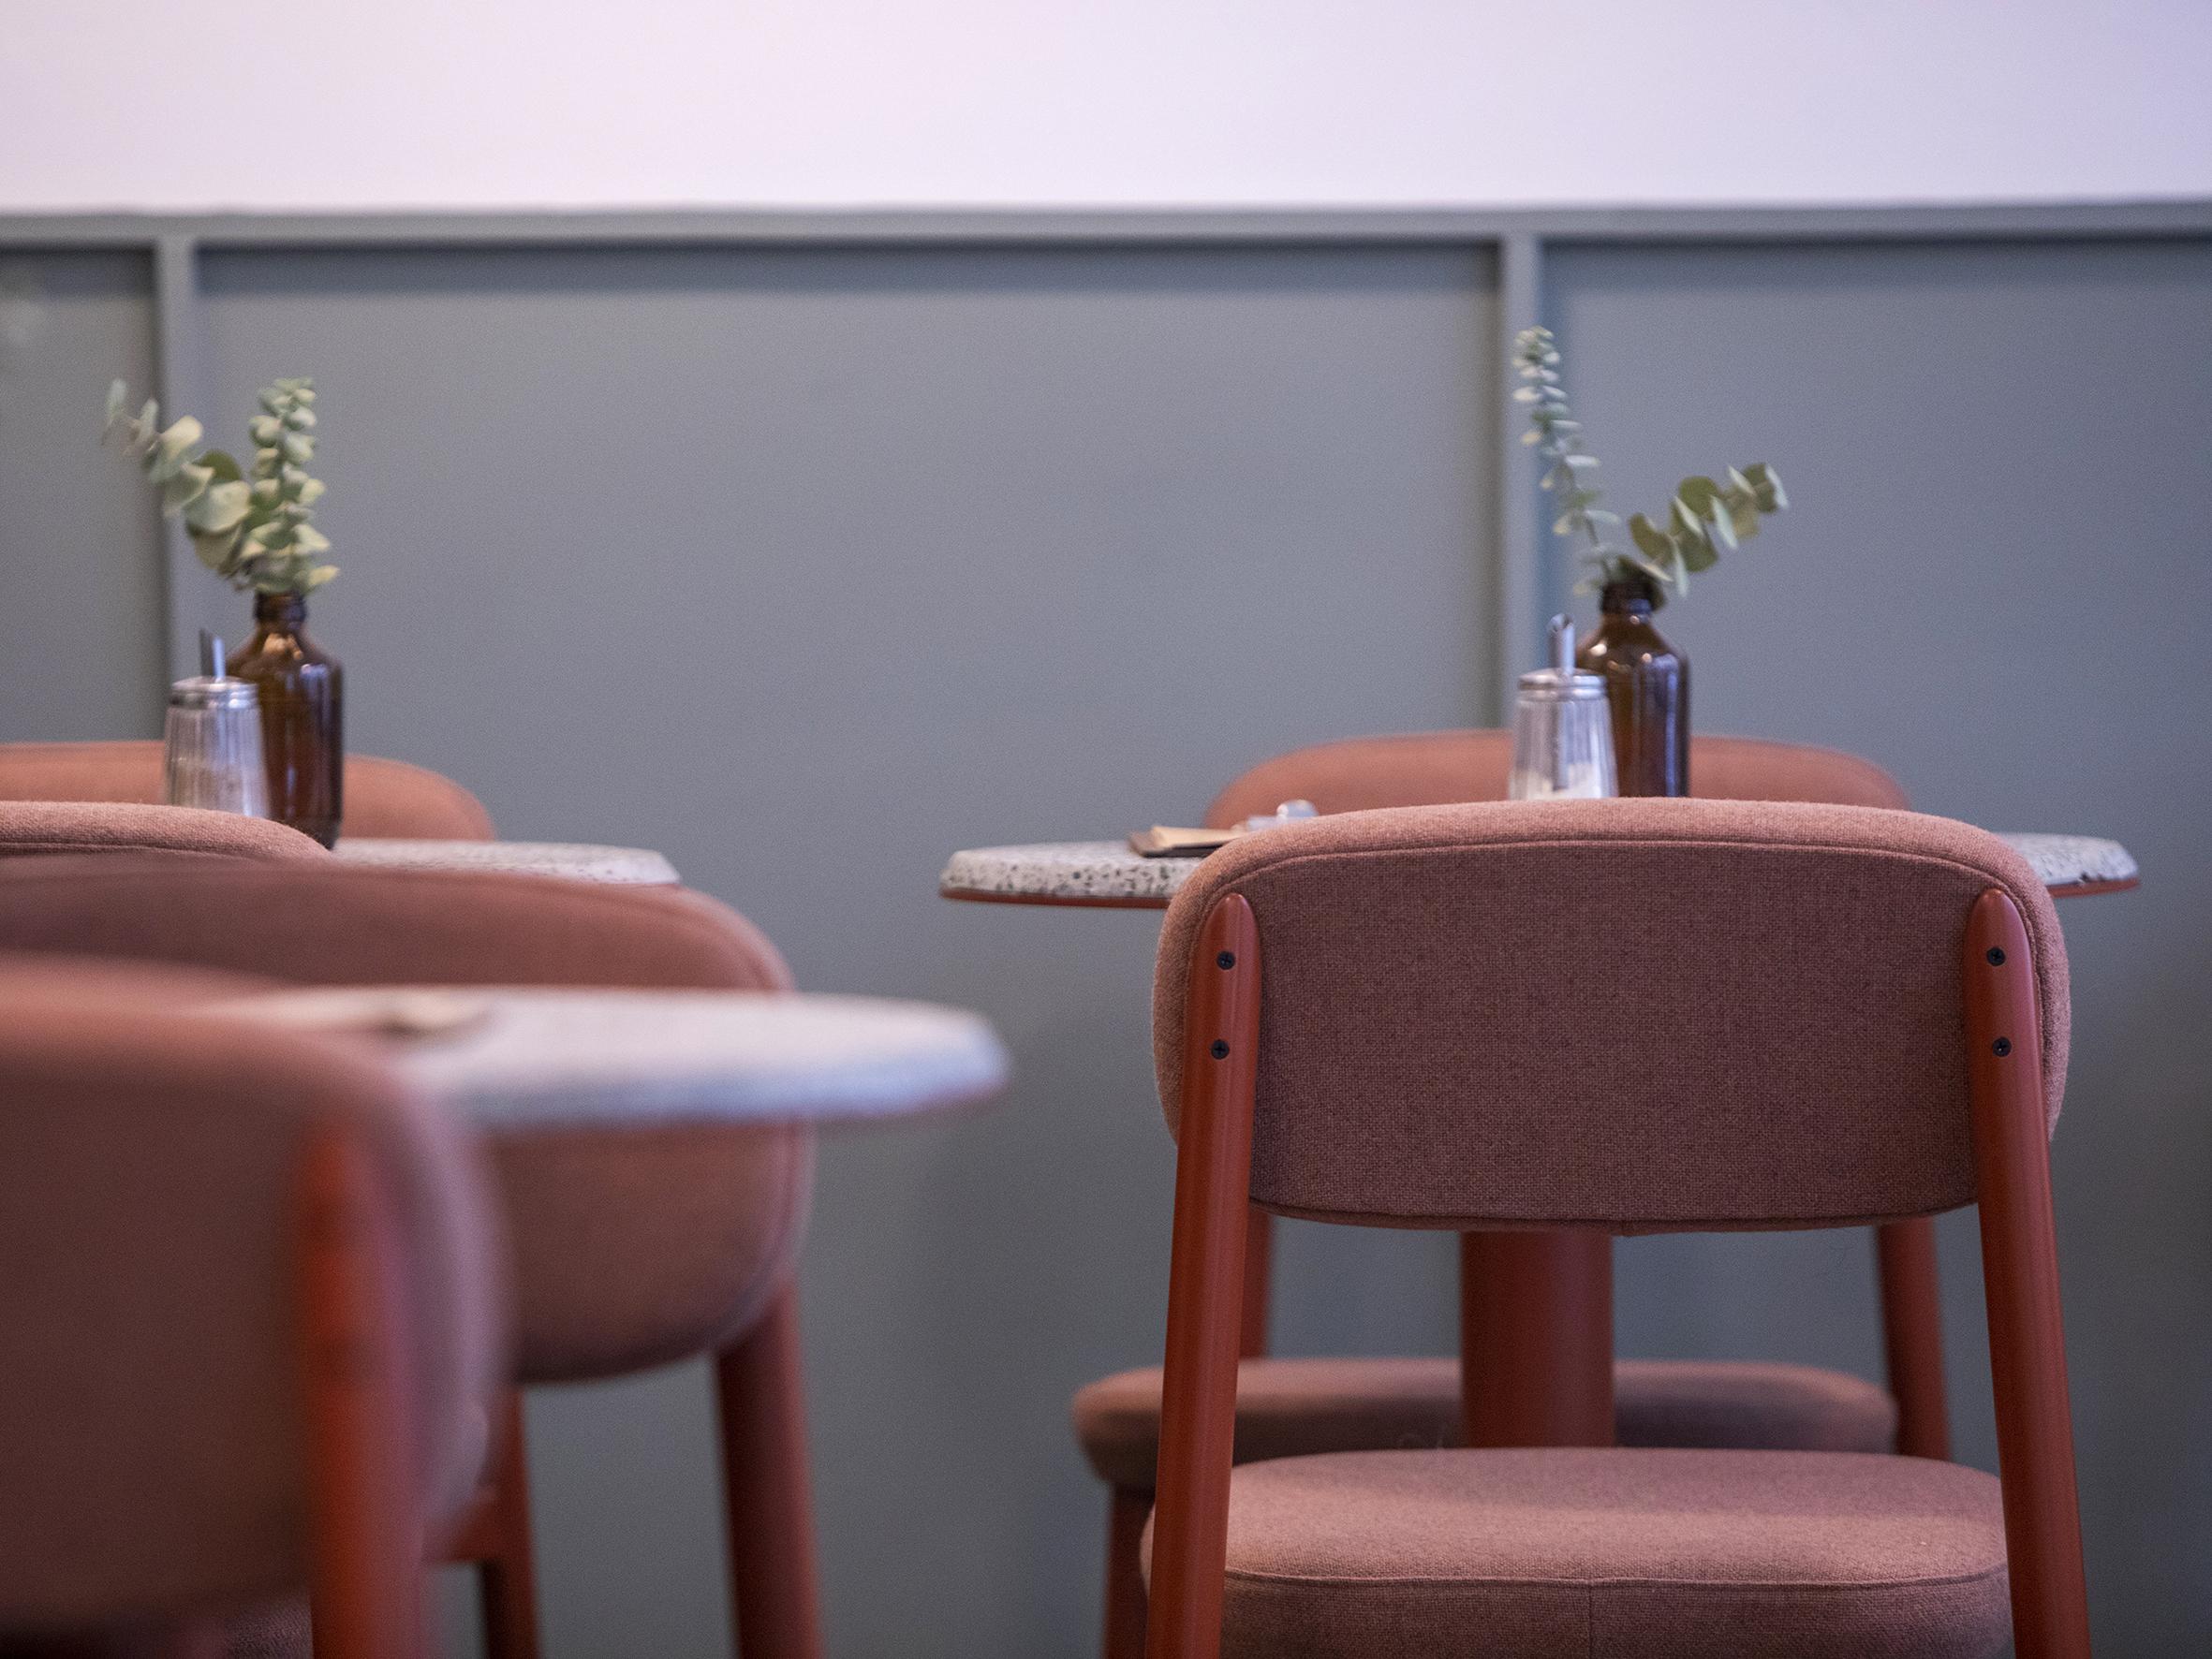 La collection Residence comprend des assises à la ligne très graphique et aux coussins épais et généreux.